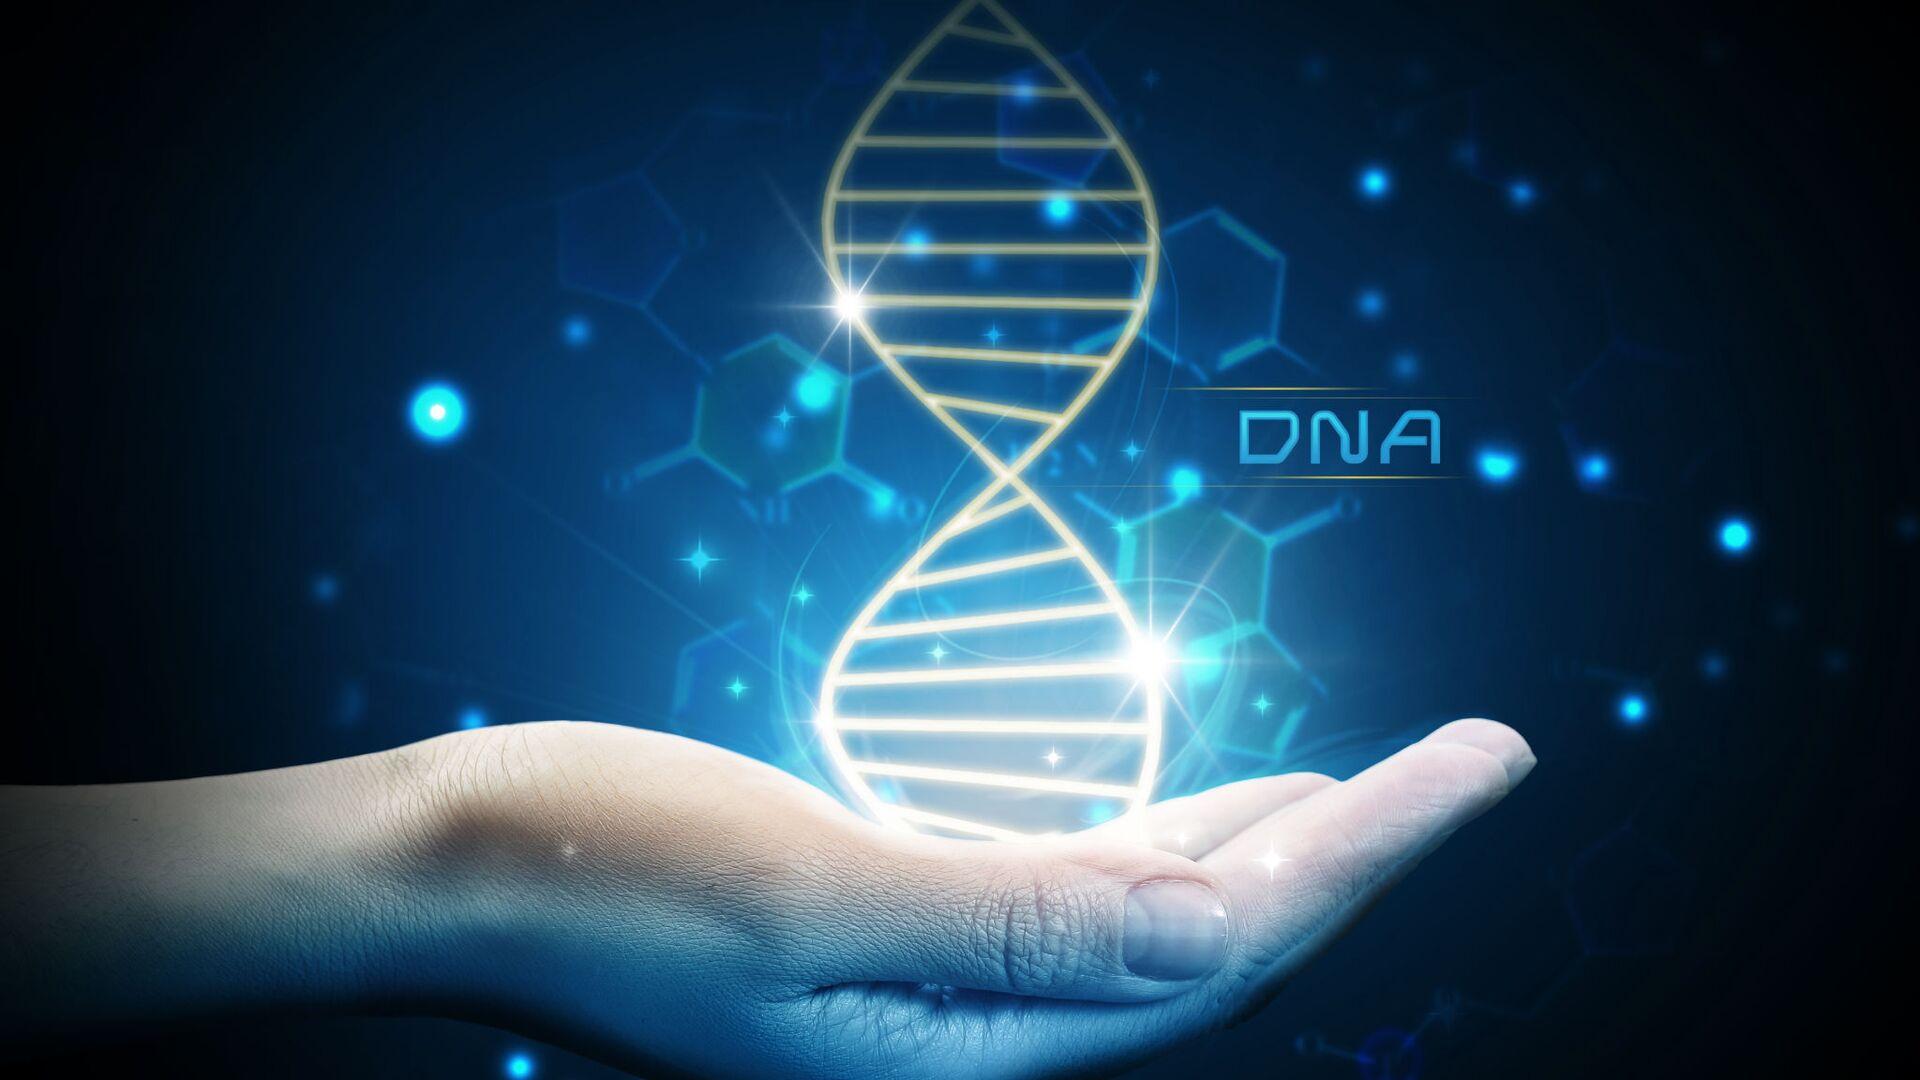 Молекула ДНК на ладони - РИА Новости, 1920, 29.01.2020